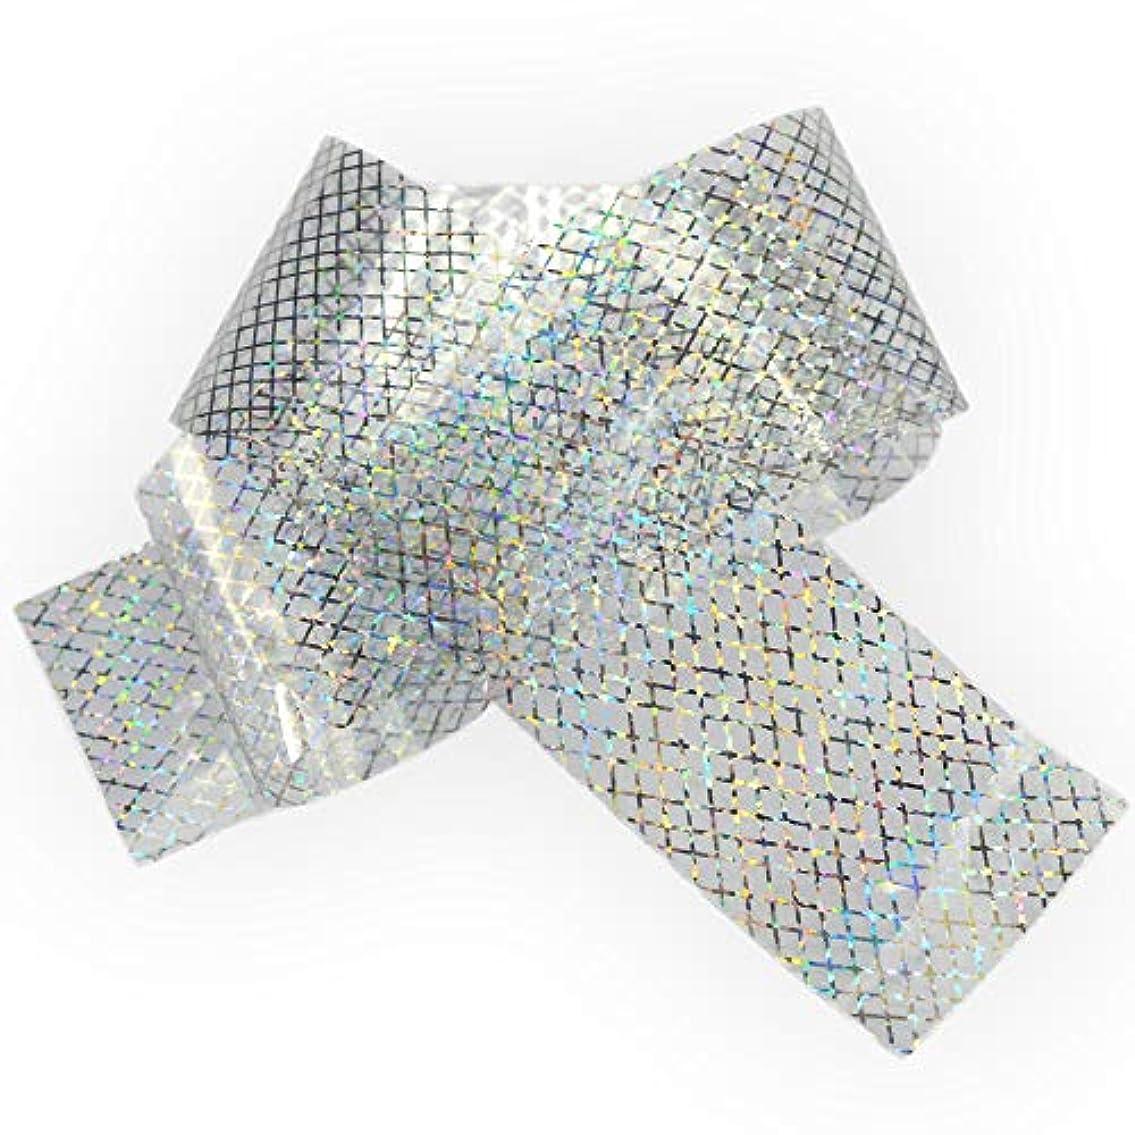 屋内で快適枠100x4cmホログラフィック星空ネイル箔レーザーラインネイルアート転送ステッカーシャイニーネイルジュエリーアクセサリー